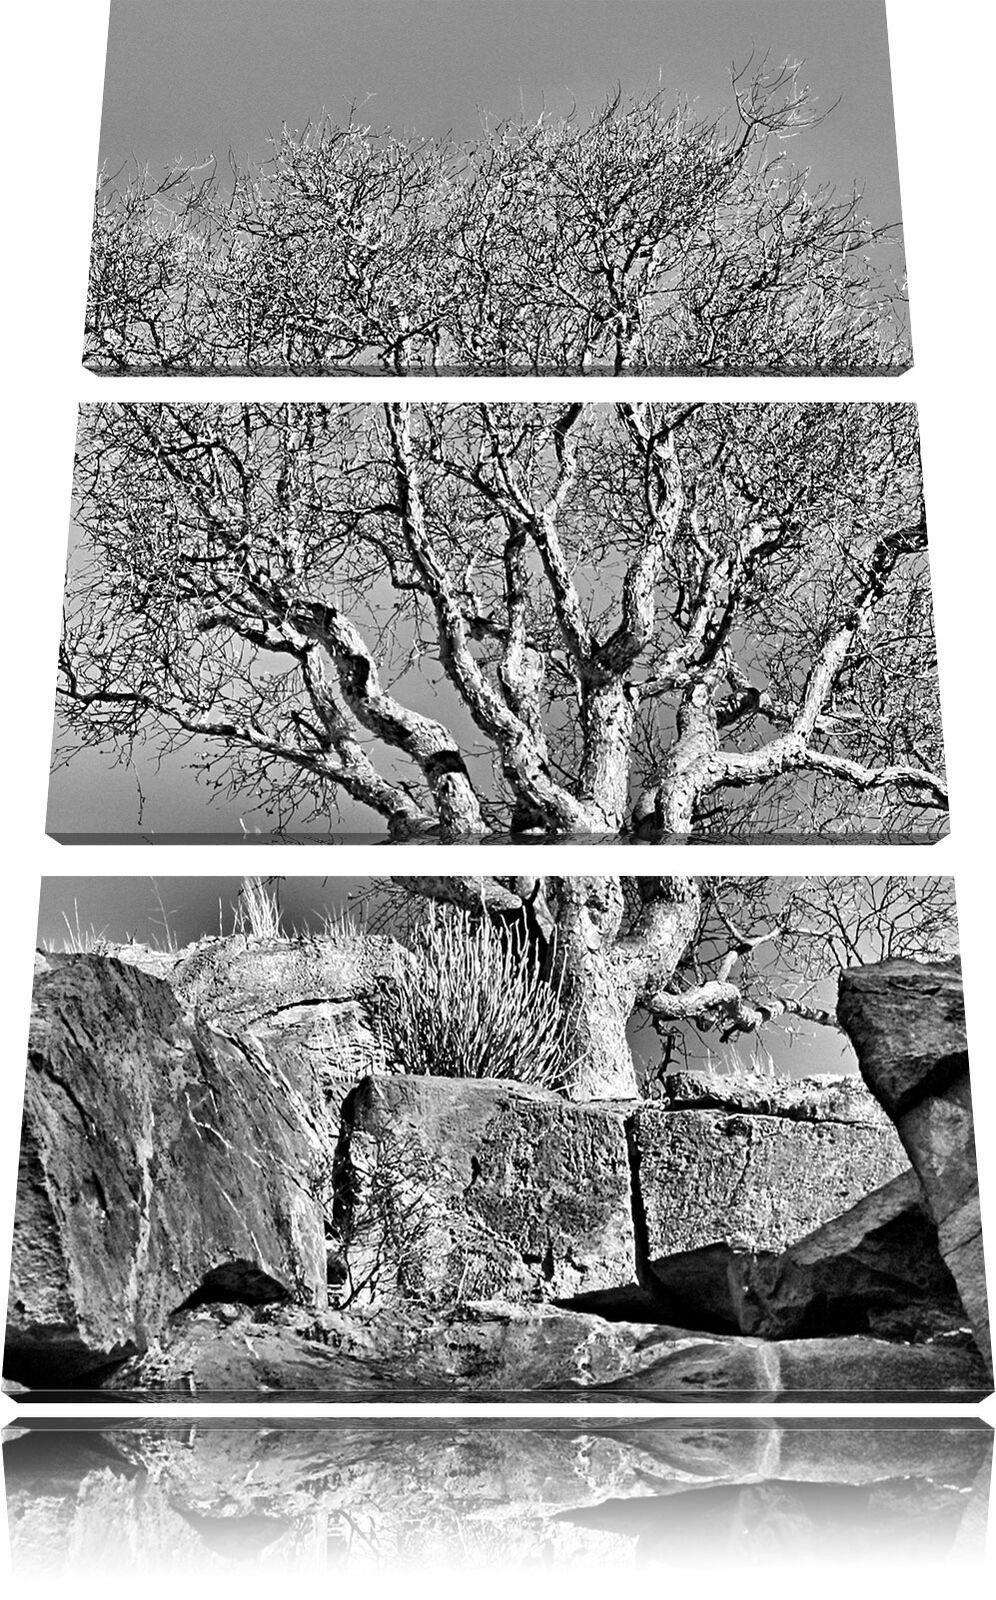 ALBERO solitario in montagna 3-Divisorio Tela Decorazione stampa d'arte d'arte d'arte 9e1f14